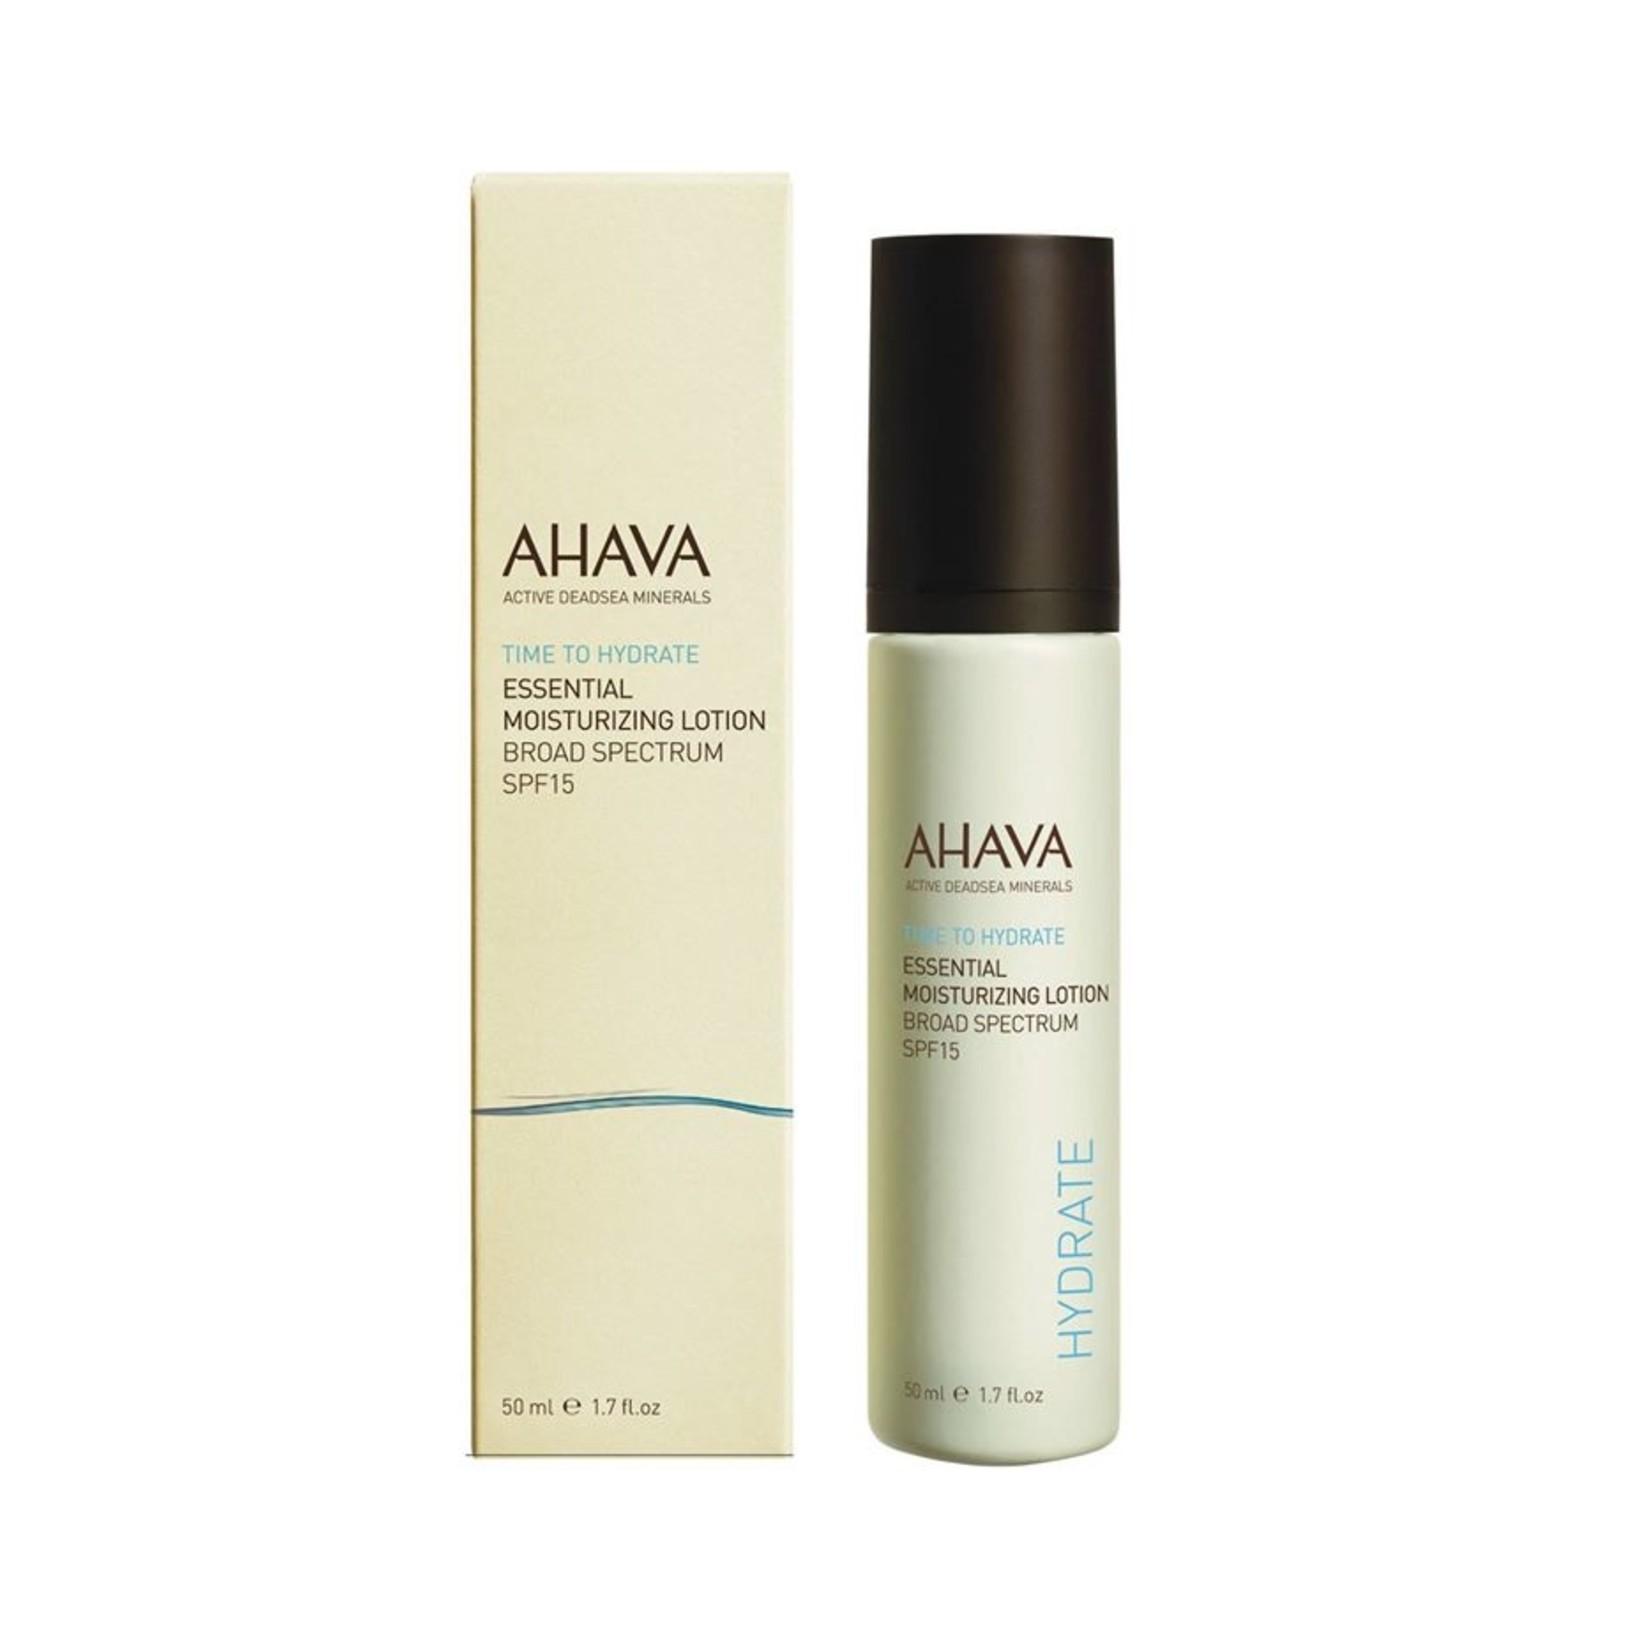 AHAVA essential moisturizing lotion spf 15 50ml